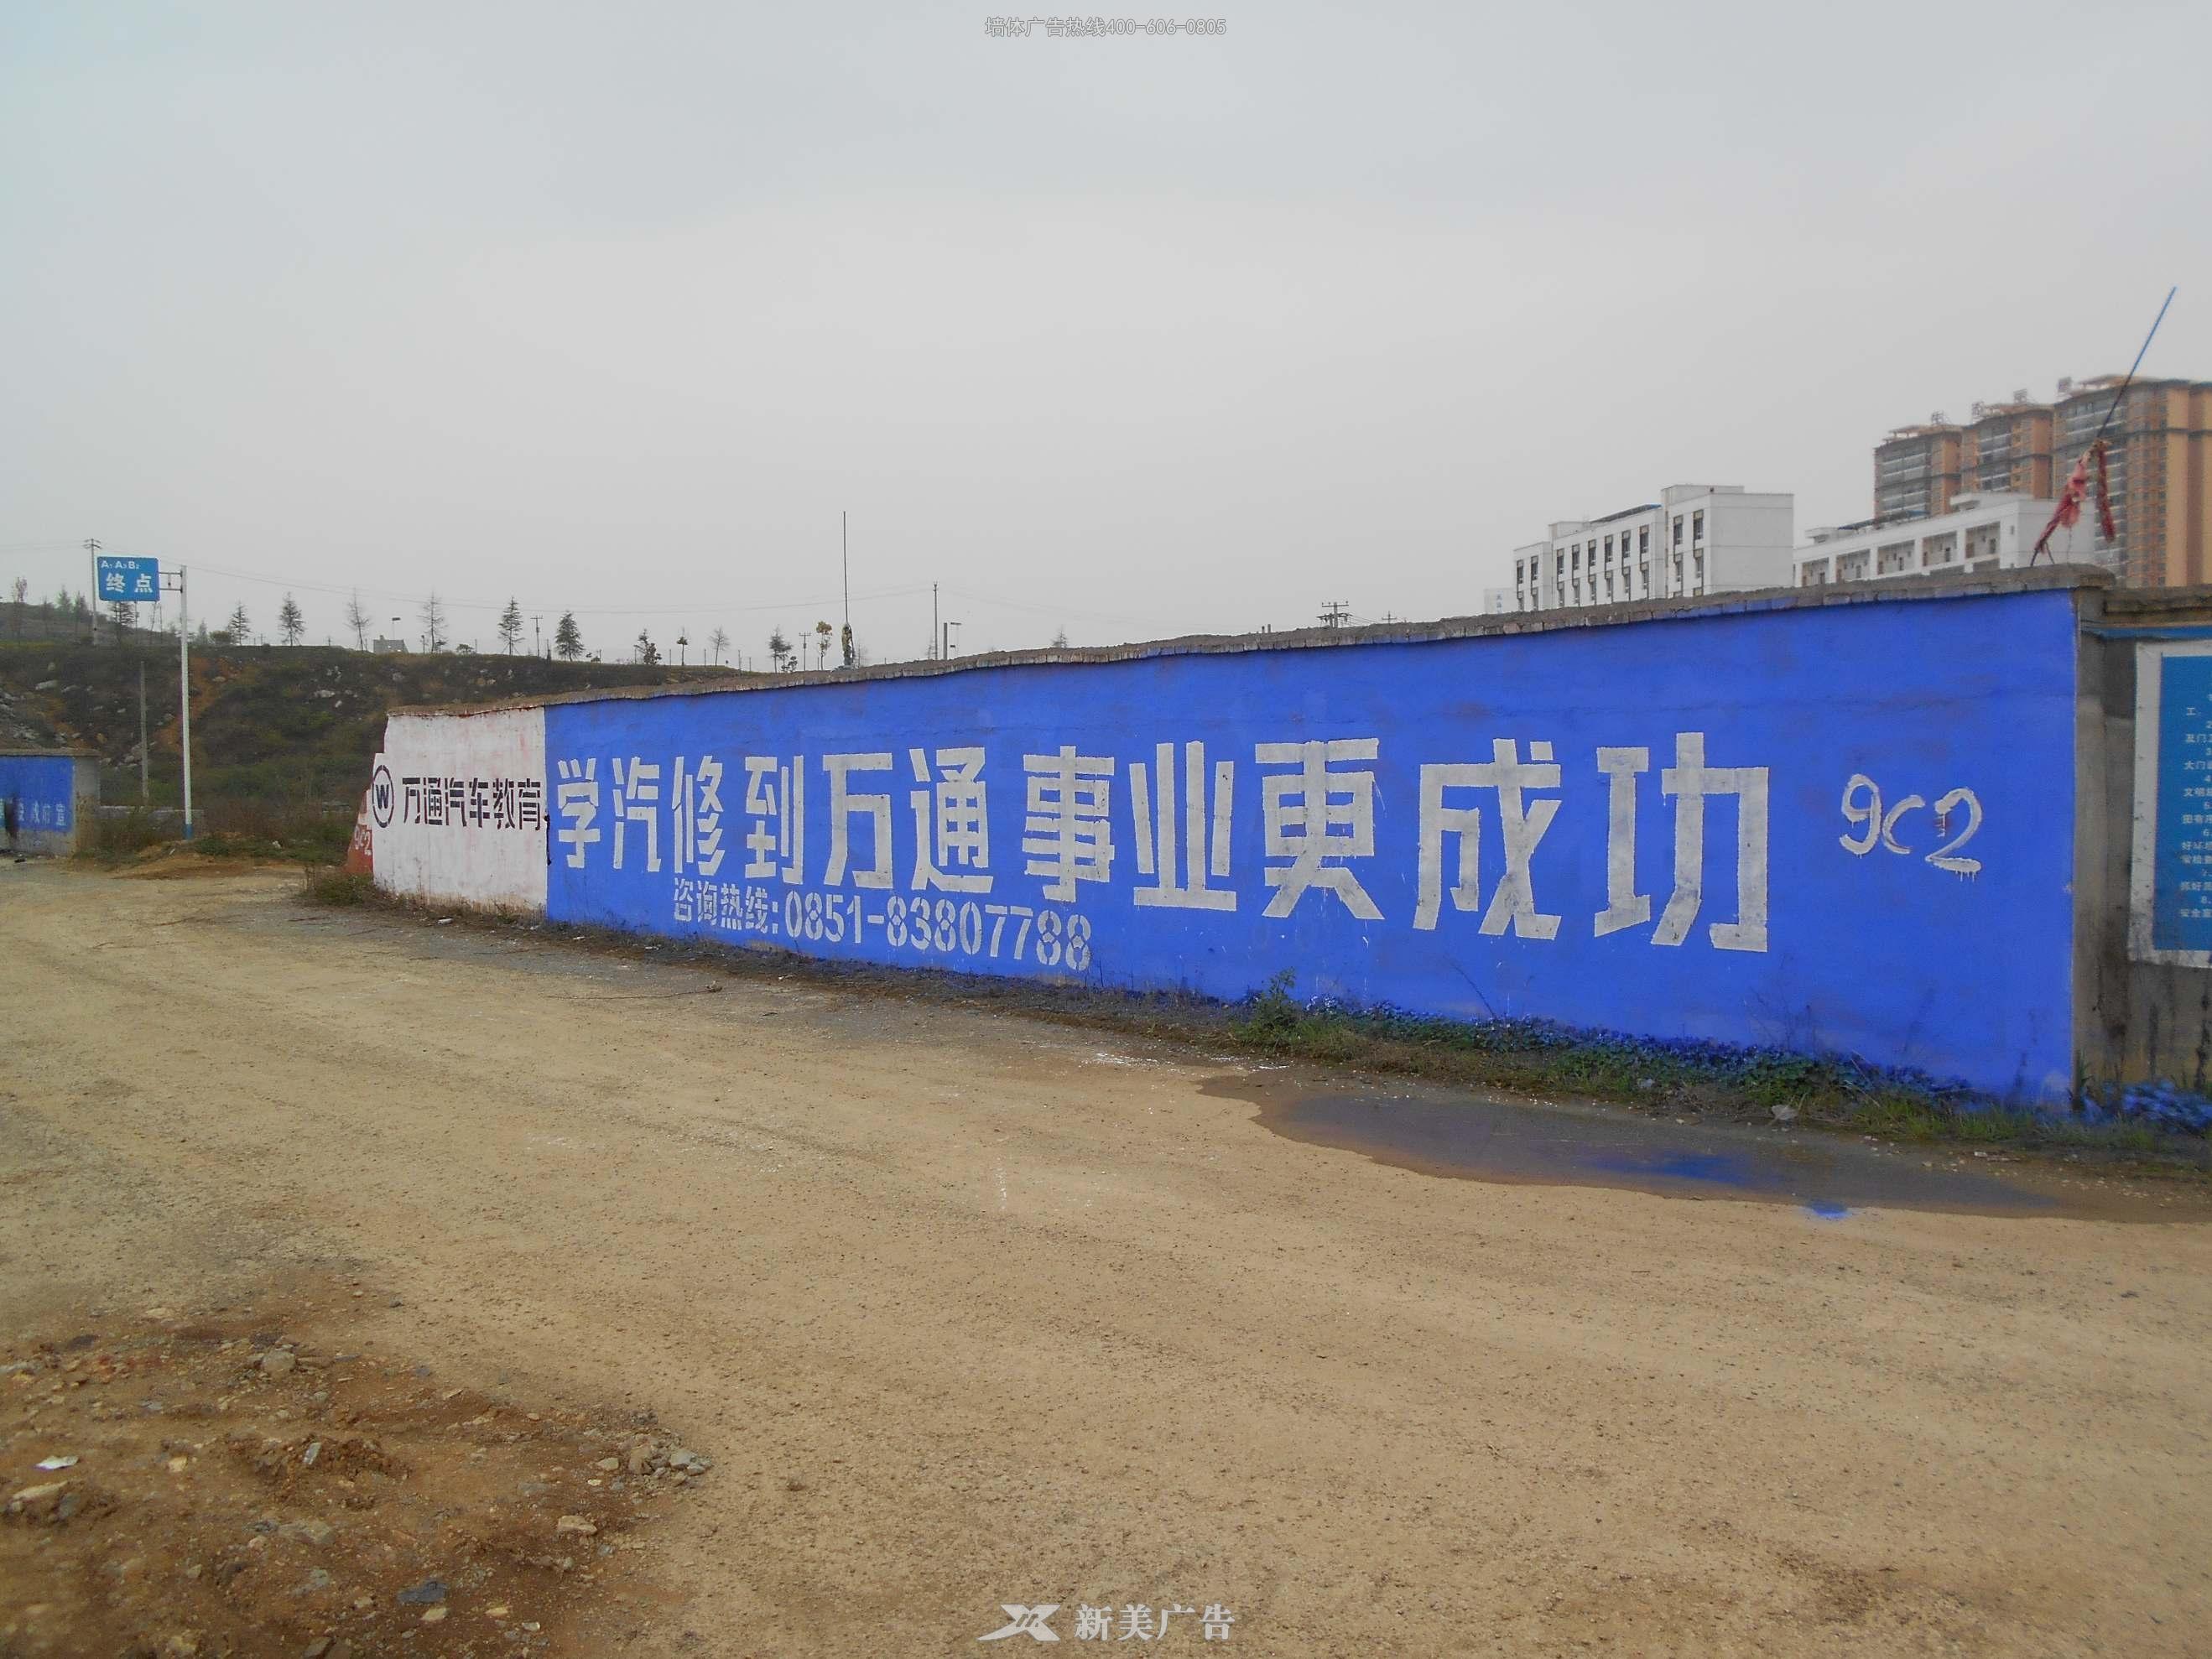 贵州万通凤凰彩票极速pk10计划全天在线广告